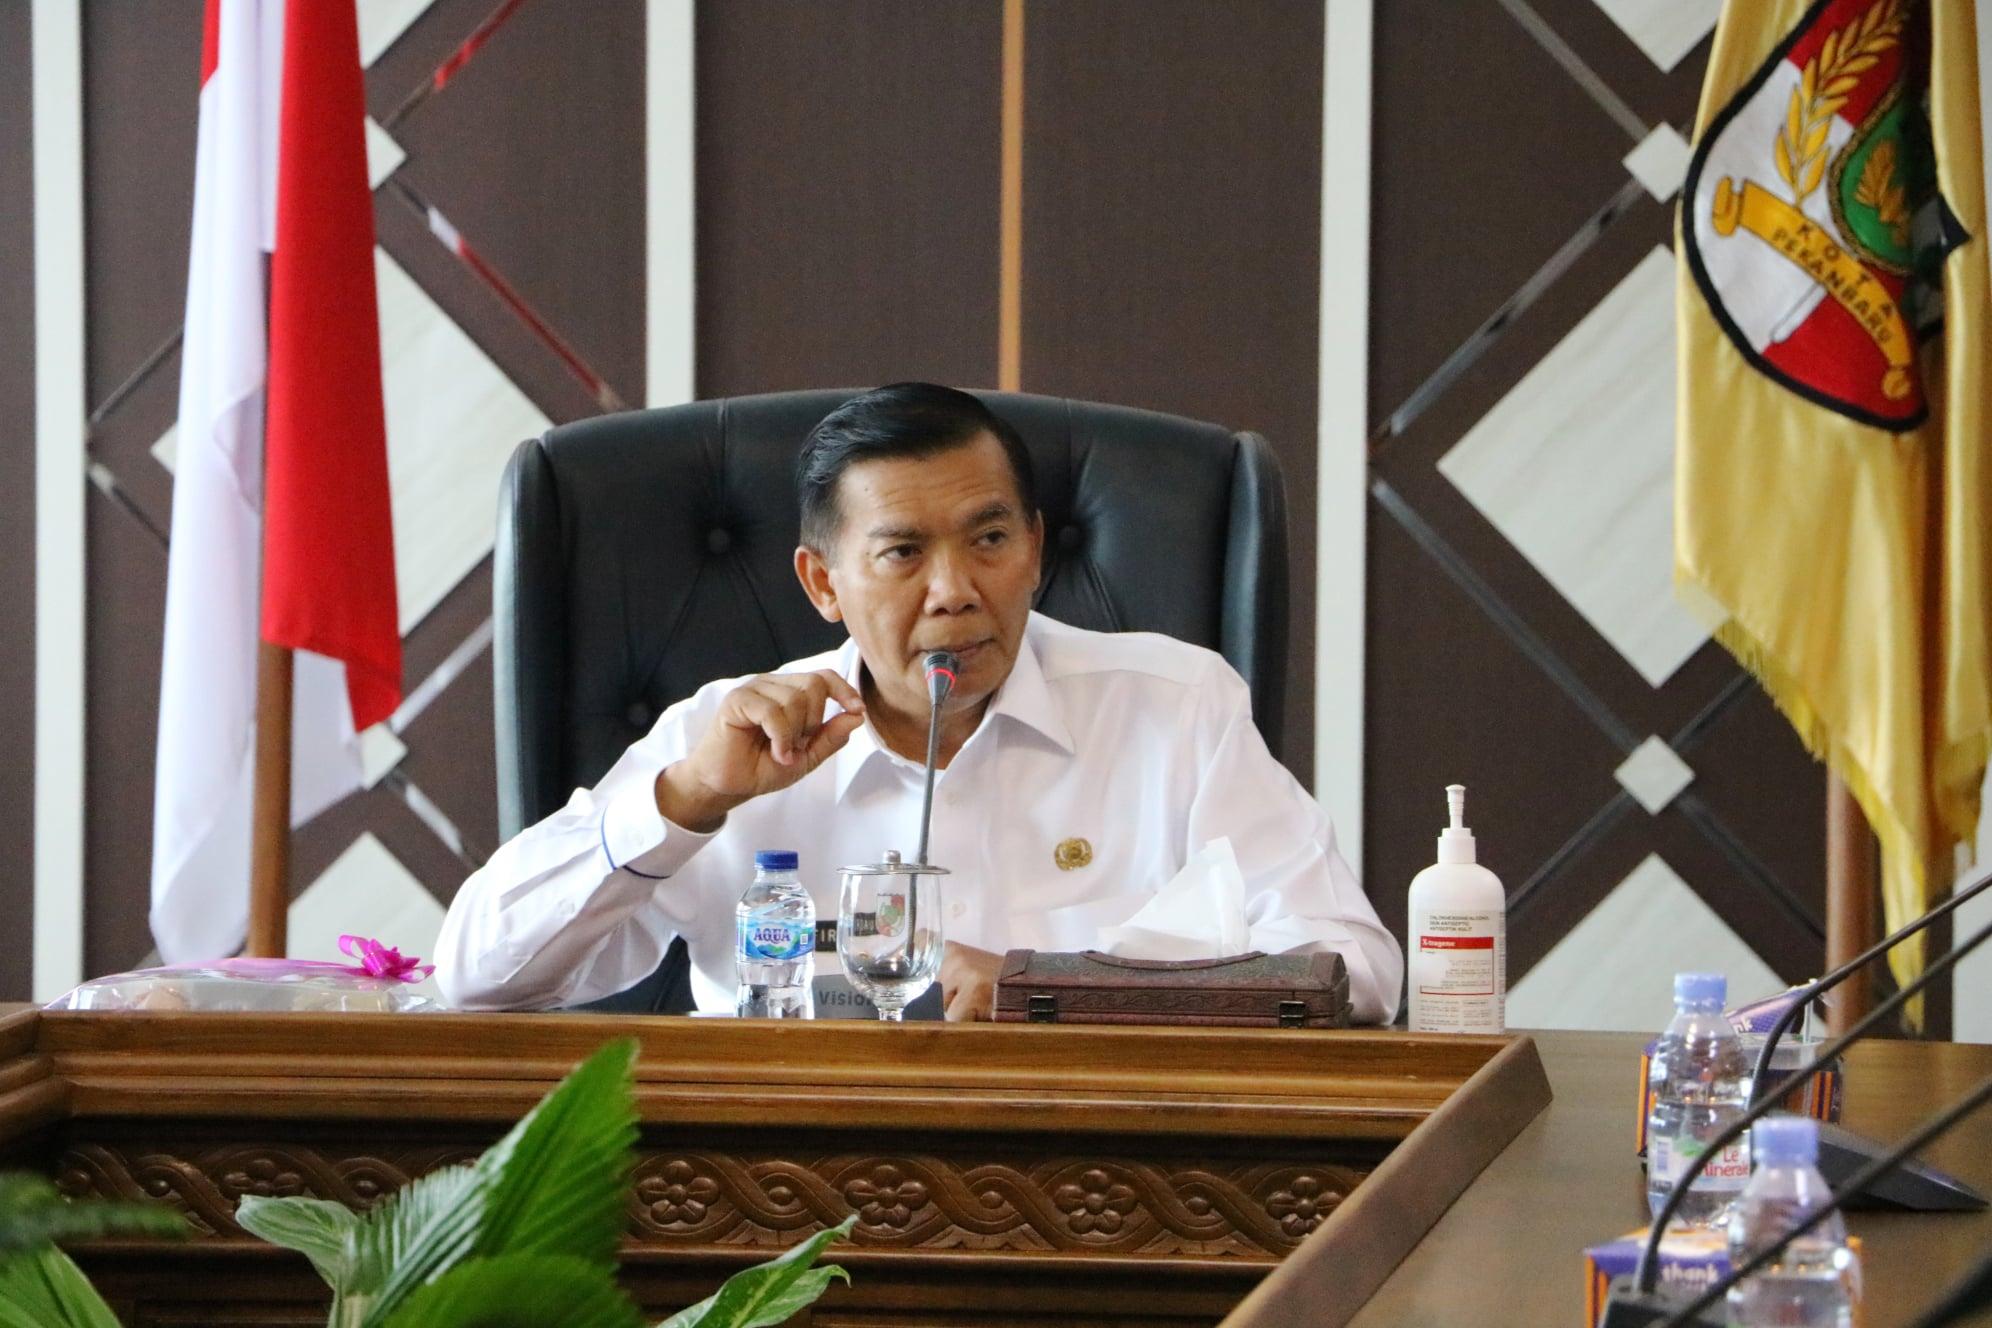 Image : Pekanbaru dan Riau Jadi Tujuan Pariwisata Halal, Tenaga Kerja Lulusan SMK dan Politeknik Dibutuhkan